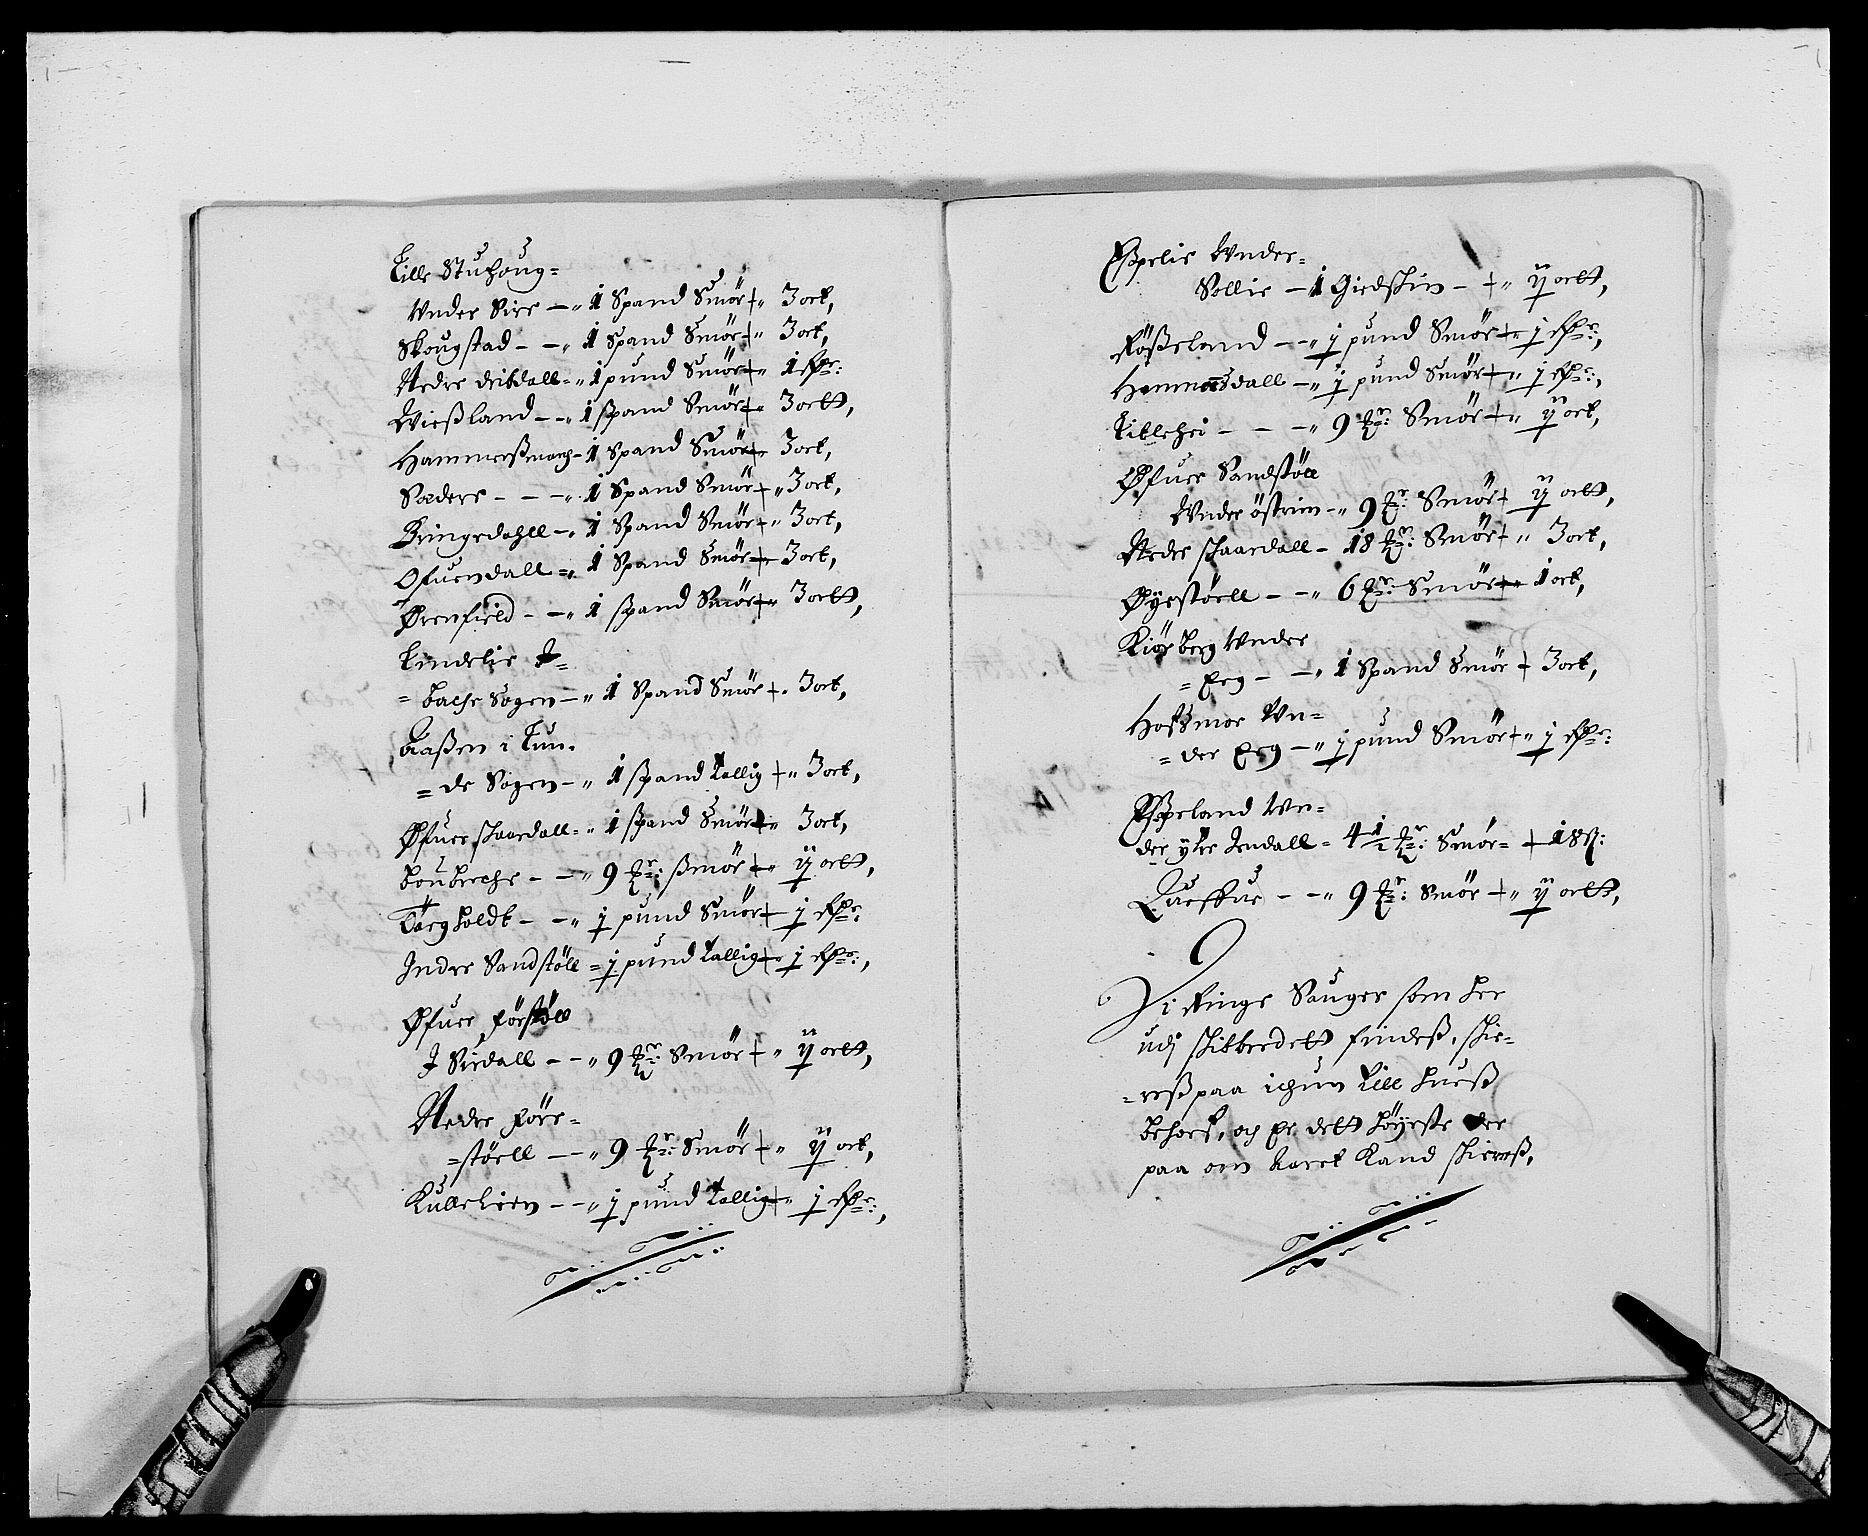 RA, Rentekammeret inntil 1814, Reviderte regnskaper, Fogderegnskap, R46/L2722: Fogderegnskap Jæren og Dalane, 1681, s. 11